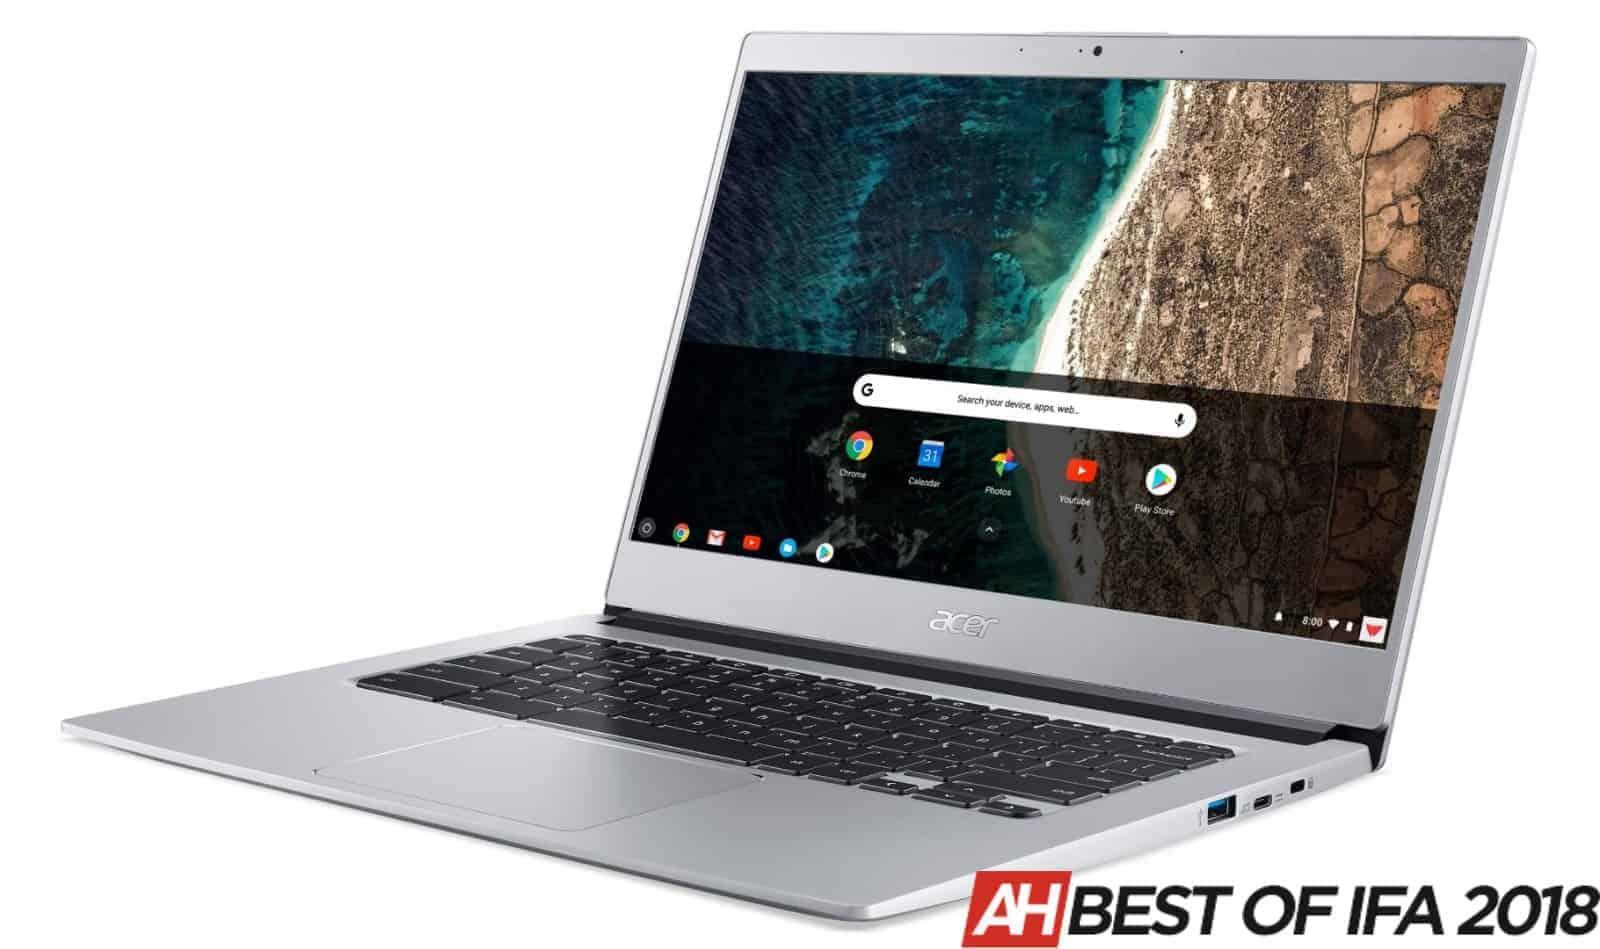 AH Acer Chromebook 514 IFA 2018 award 1